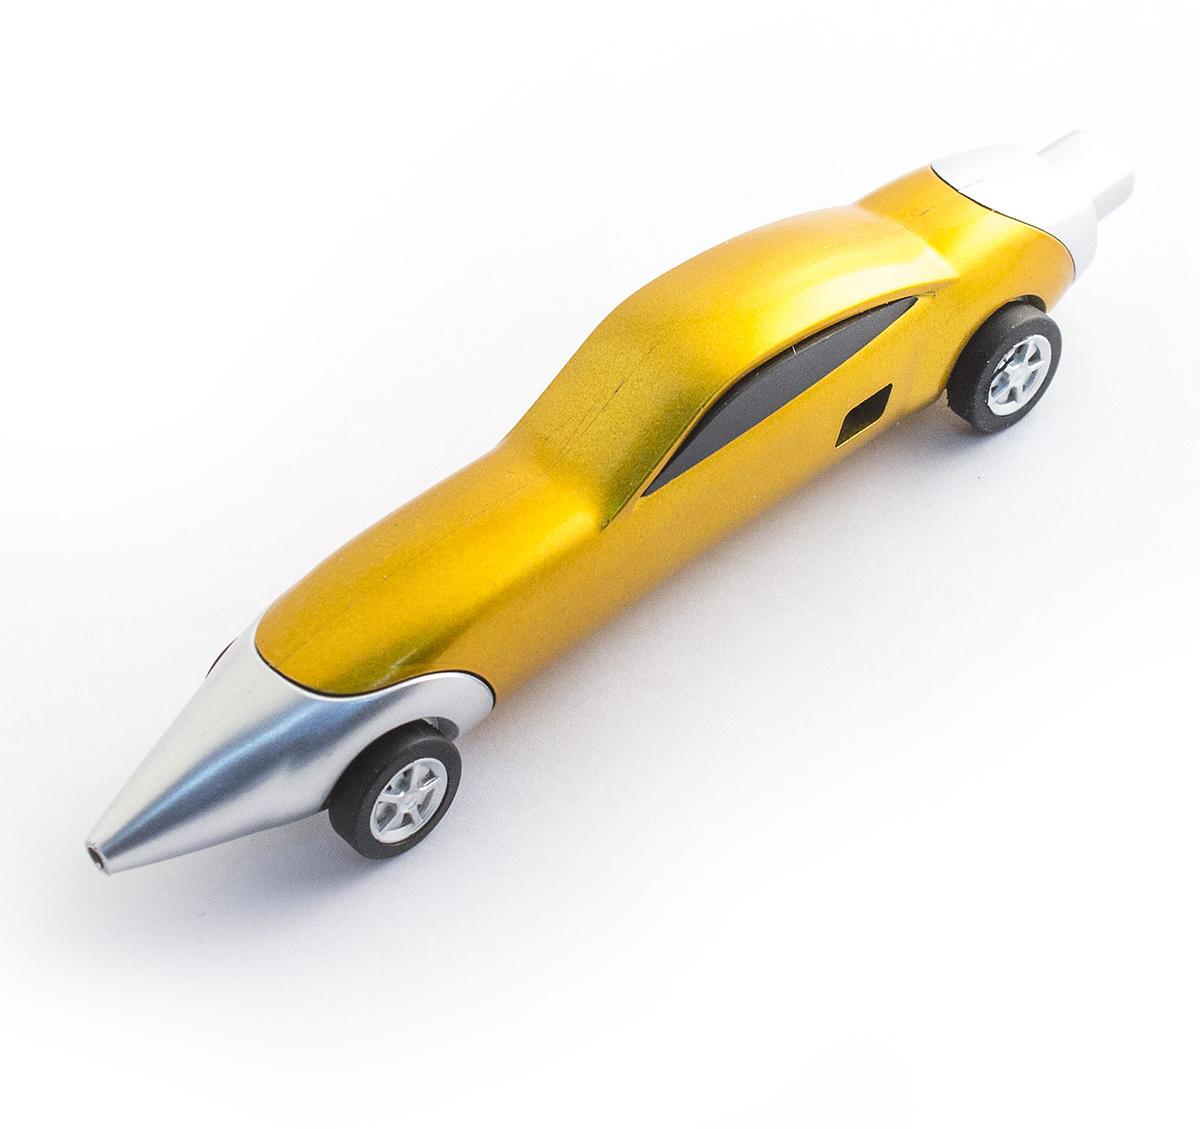 Эврика Ручка шариковая Авто №11 цвет корпуса желтый98528Разноцветные миниатюрные автомобили всегда производят впечатление на представителей мужской половины человечества, а если это еще и удобная шариковая ручка, которую так приятно держать за обтекаемые бока, то радость длится существенно дольше. Стержень сменяемый, цвет чернил - синий, черный.